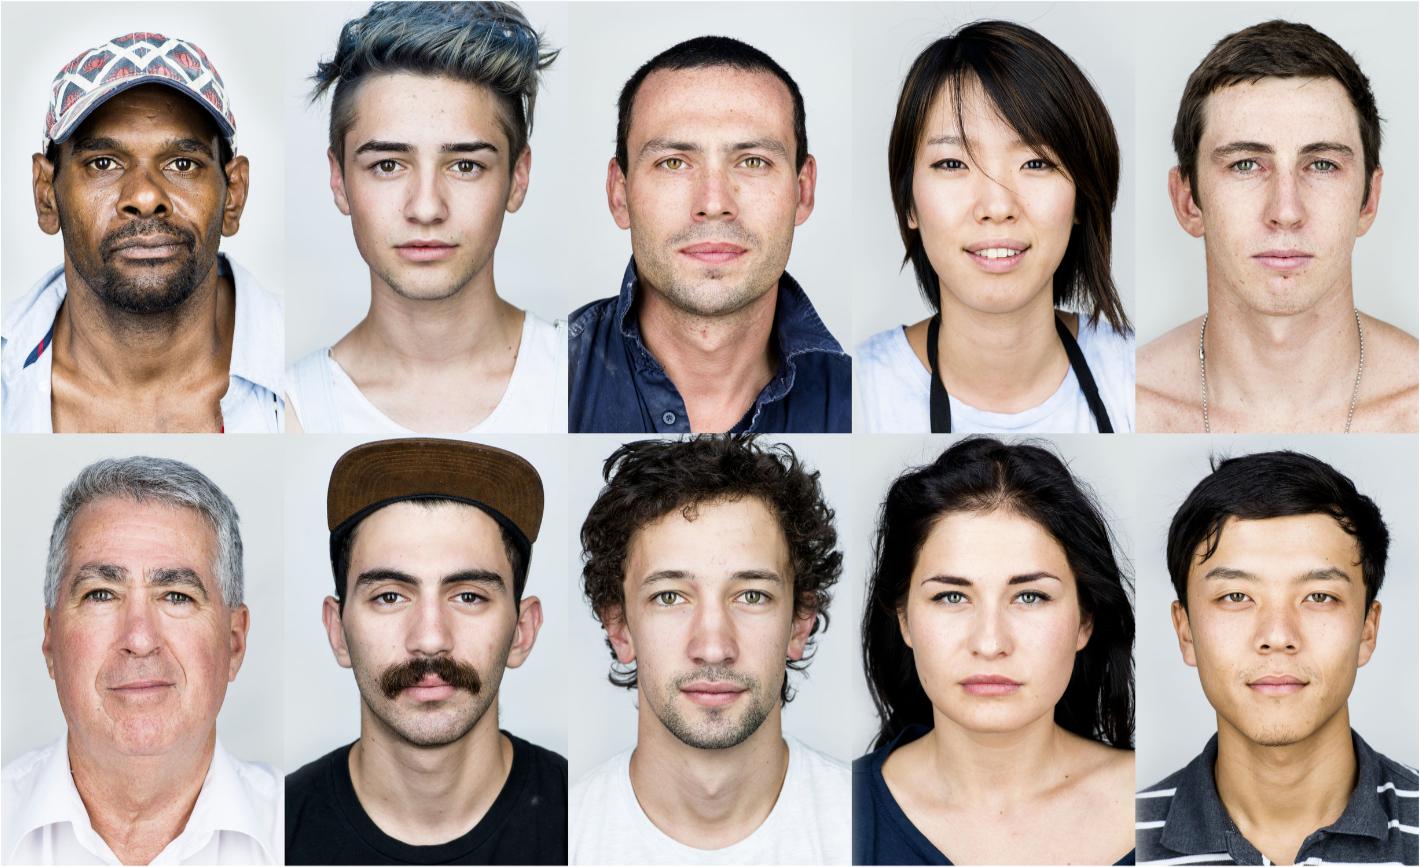 """Sydney faces - 写真展展示作品""""Sydney faces=シドニーの人々""""はシドニーという都市を形成する人々の顔に焦点を当てたプロジェクト。人類というくくりの中に存在する様々な違いを掘り下げたいという思いから取り組みを始めたが、撮影を進める中でこのプロジェクトが興味深い実験であることに気がついた。シドニーのような多文化共生都市で育まれた多様性が表現されていたのだ。時の流れの中のある一つのタイミングをシドニーで共有している人々を捉えたこれらのスナップショットが、歴史的な意味を持つ資料としてビジュアルタイムカプセルのような役割を将来果たすことになれば嬉しい。人々の共通点と相違点の両方を一つの文脈の中で表現することができたのは、素晴らしい収穫だった。"""